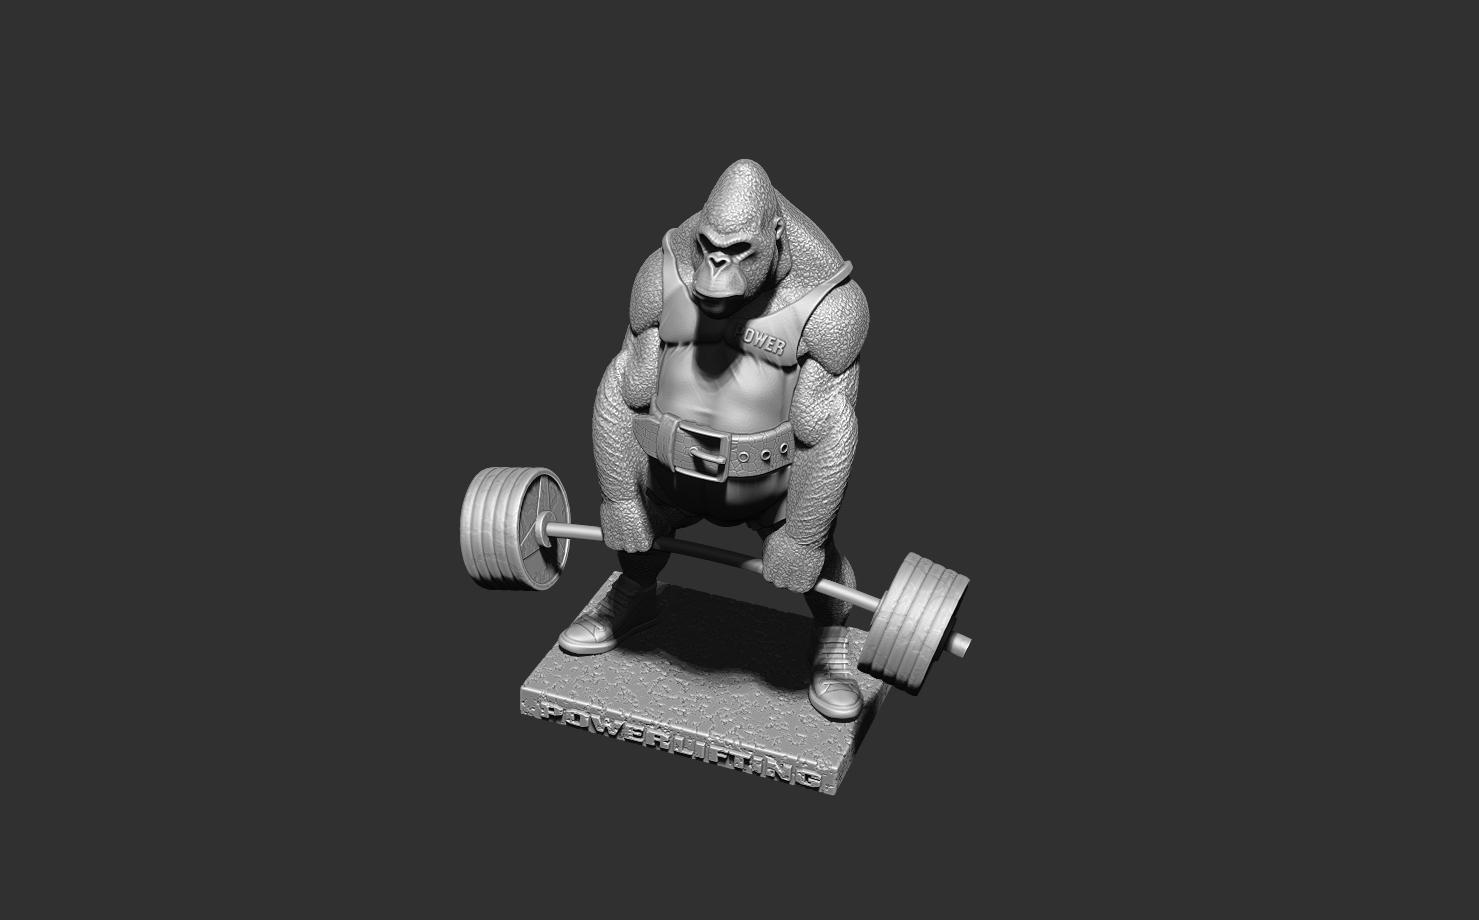 ZBrush Document4.jpg Télécharger fichier STL gorille • Objet imprimable en 3D, dimka134russ